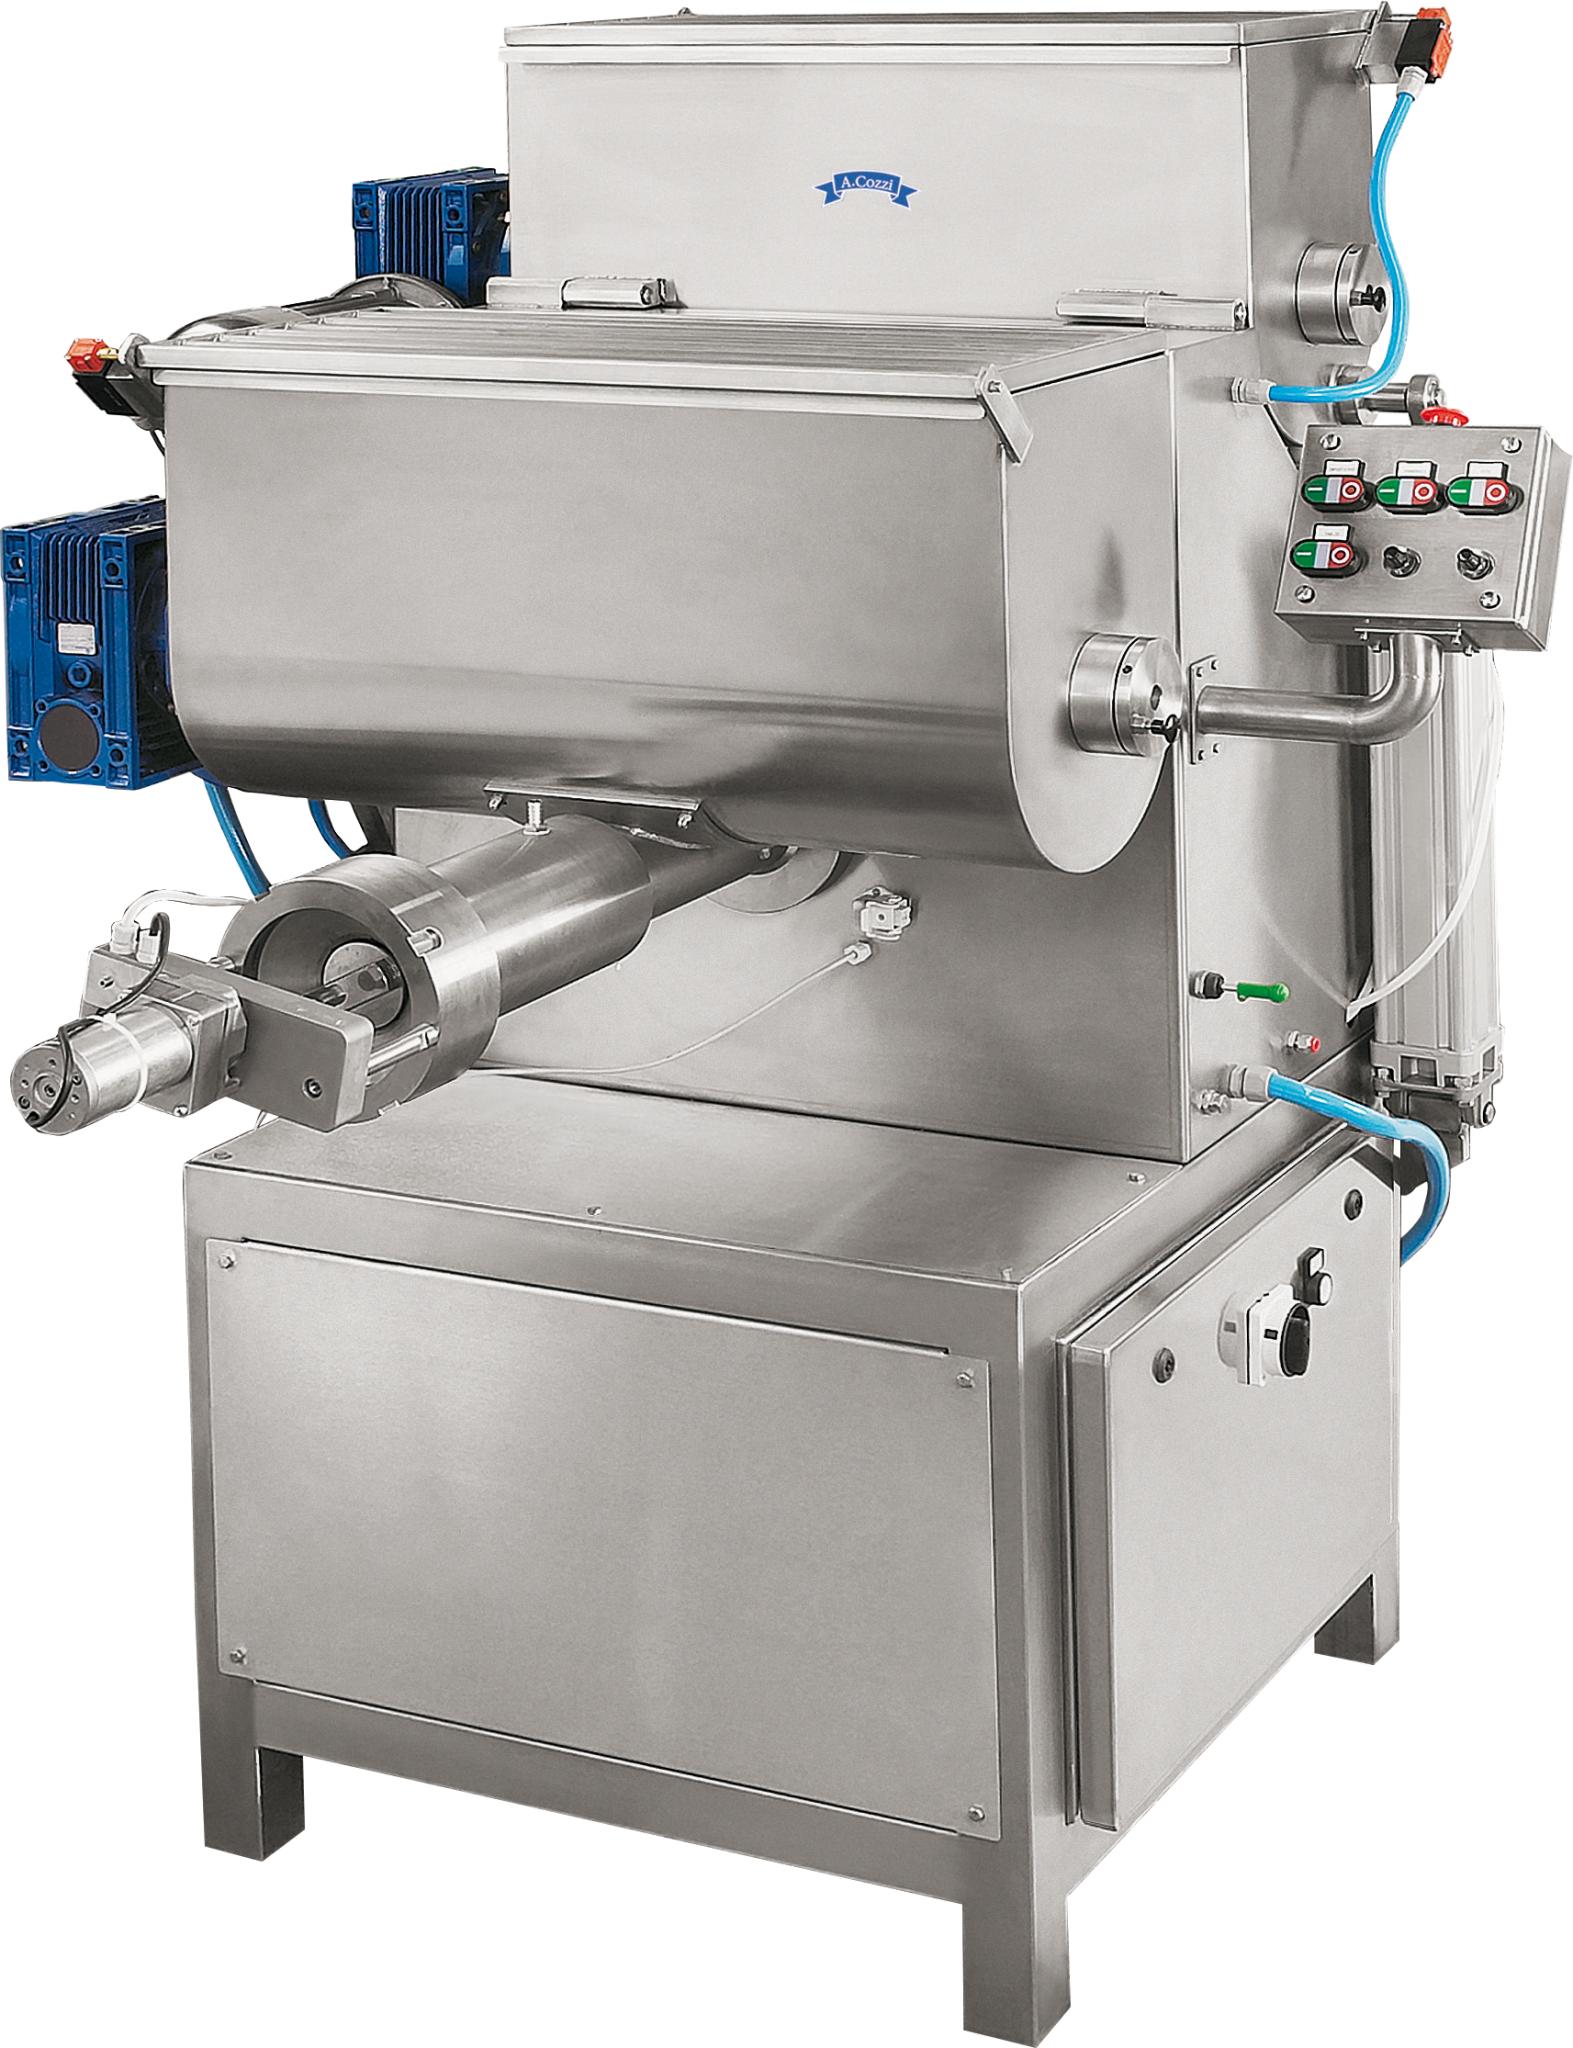 PC150 extruded pasta machine